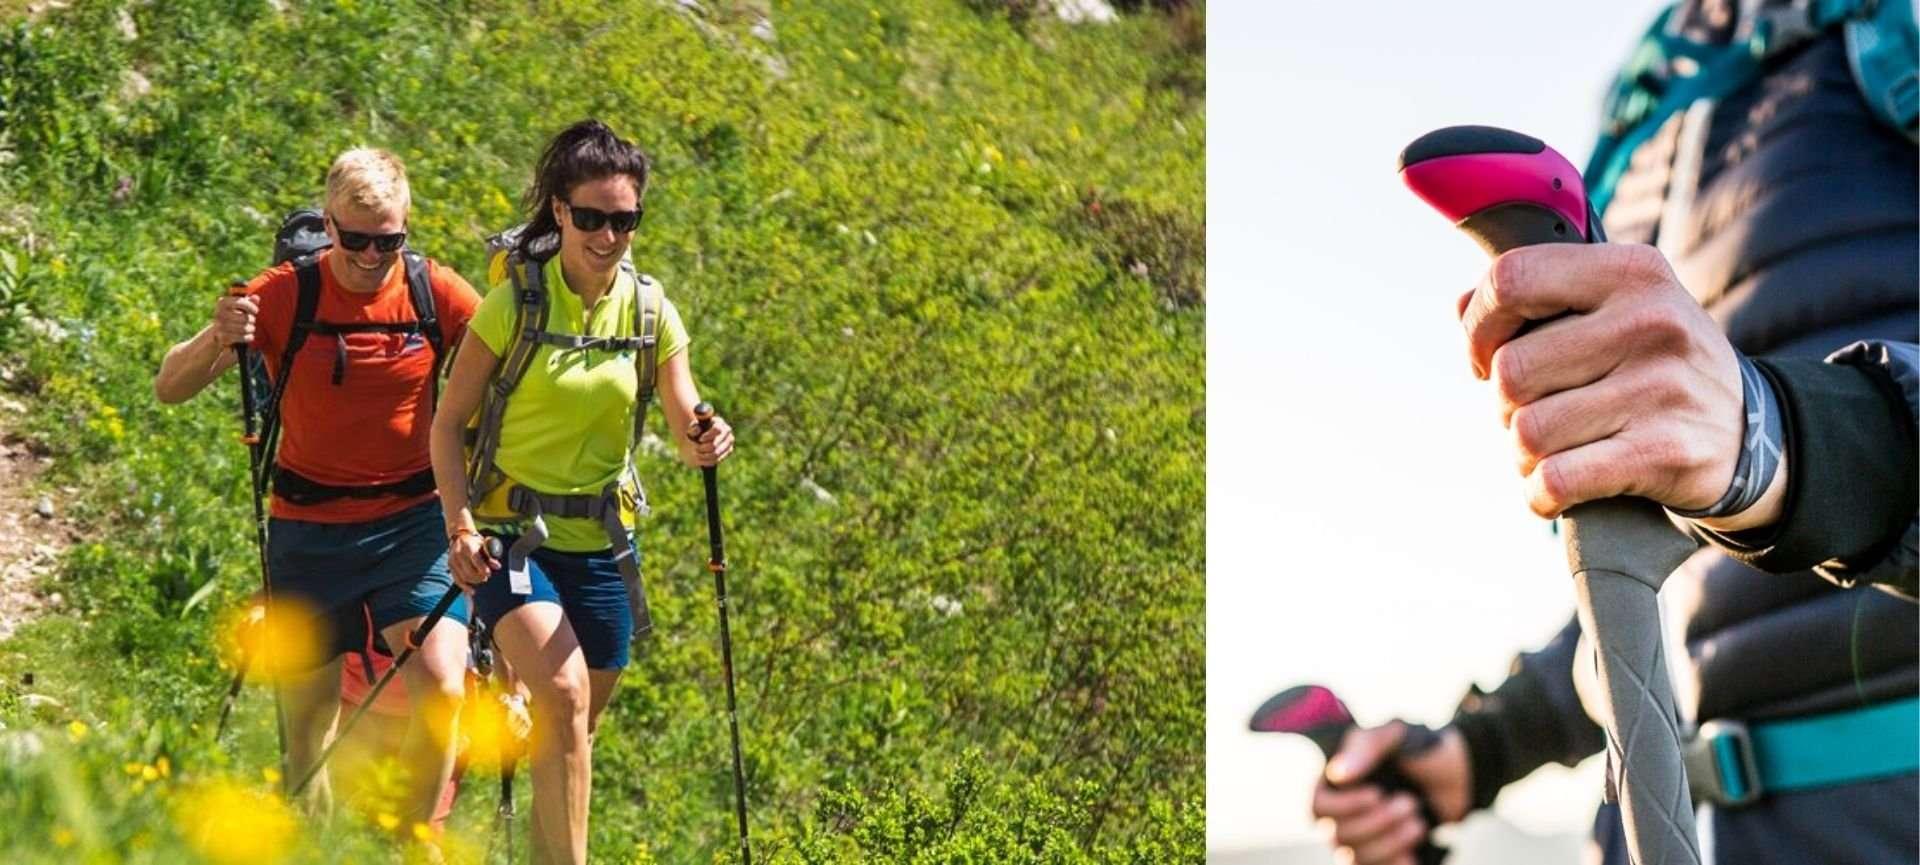 bastoncini da trekking per camminare in montagna